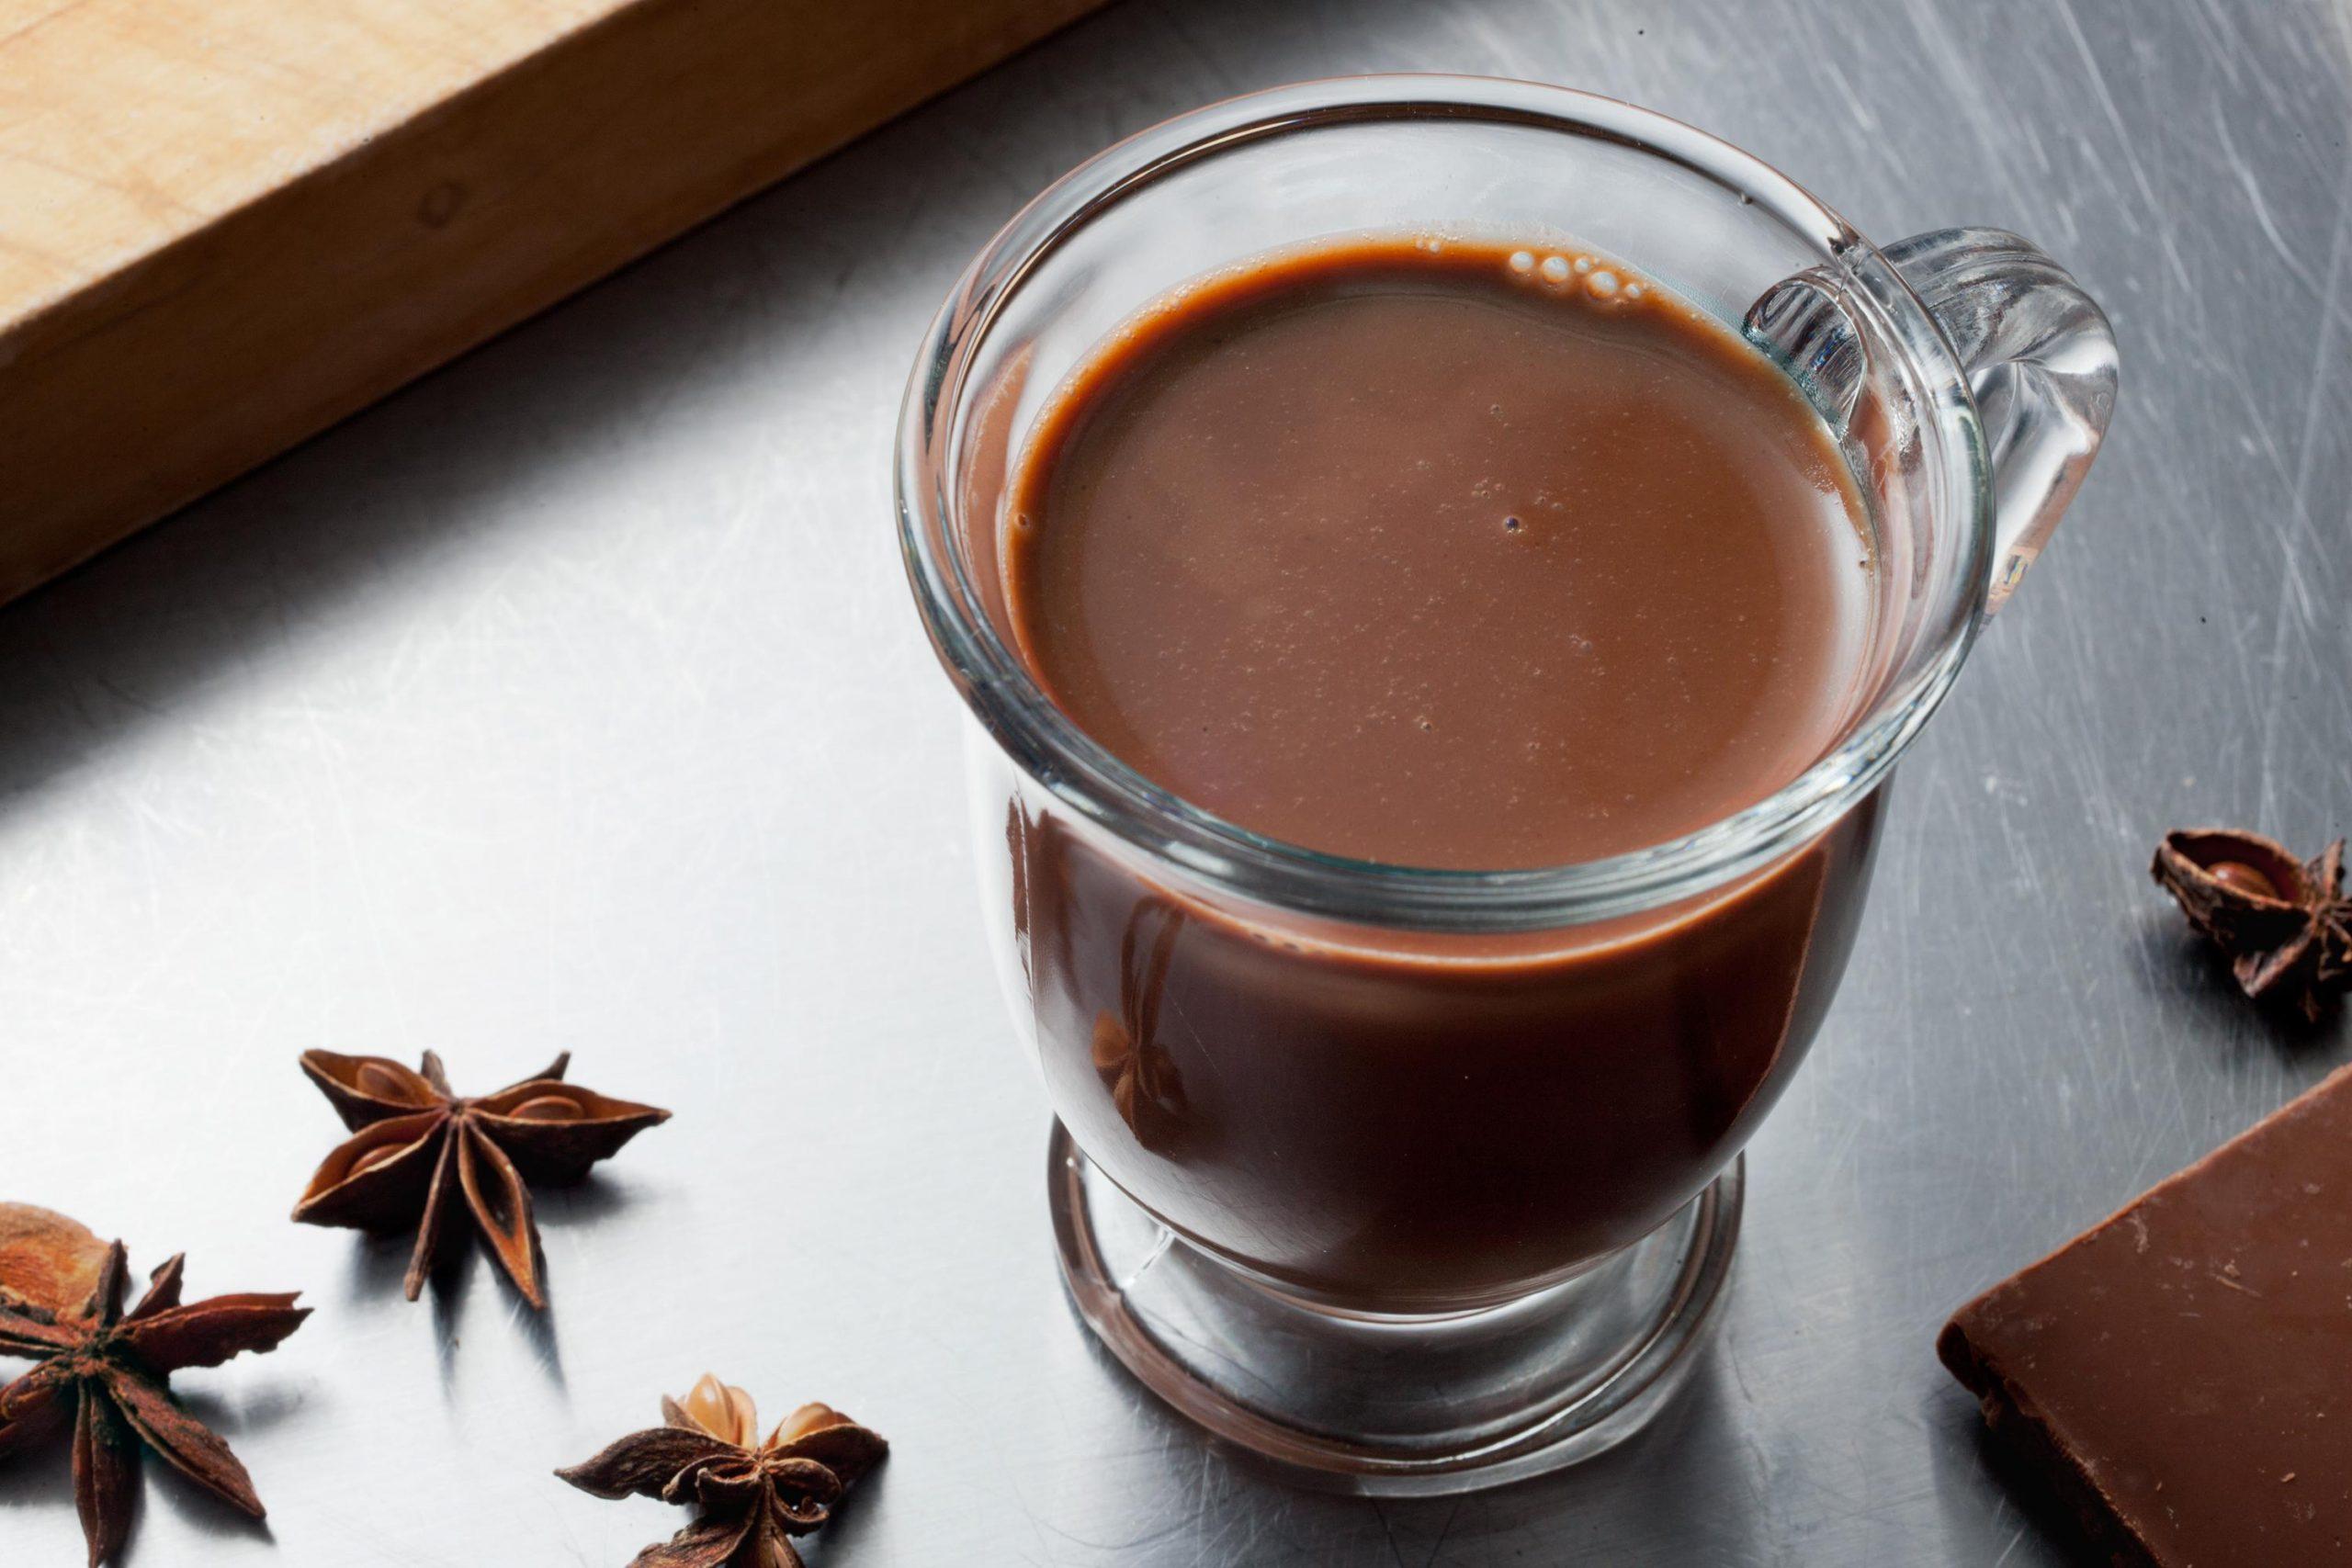 Фото шоколадный напиток.